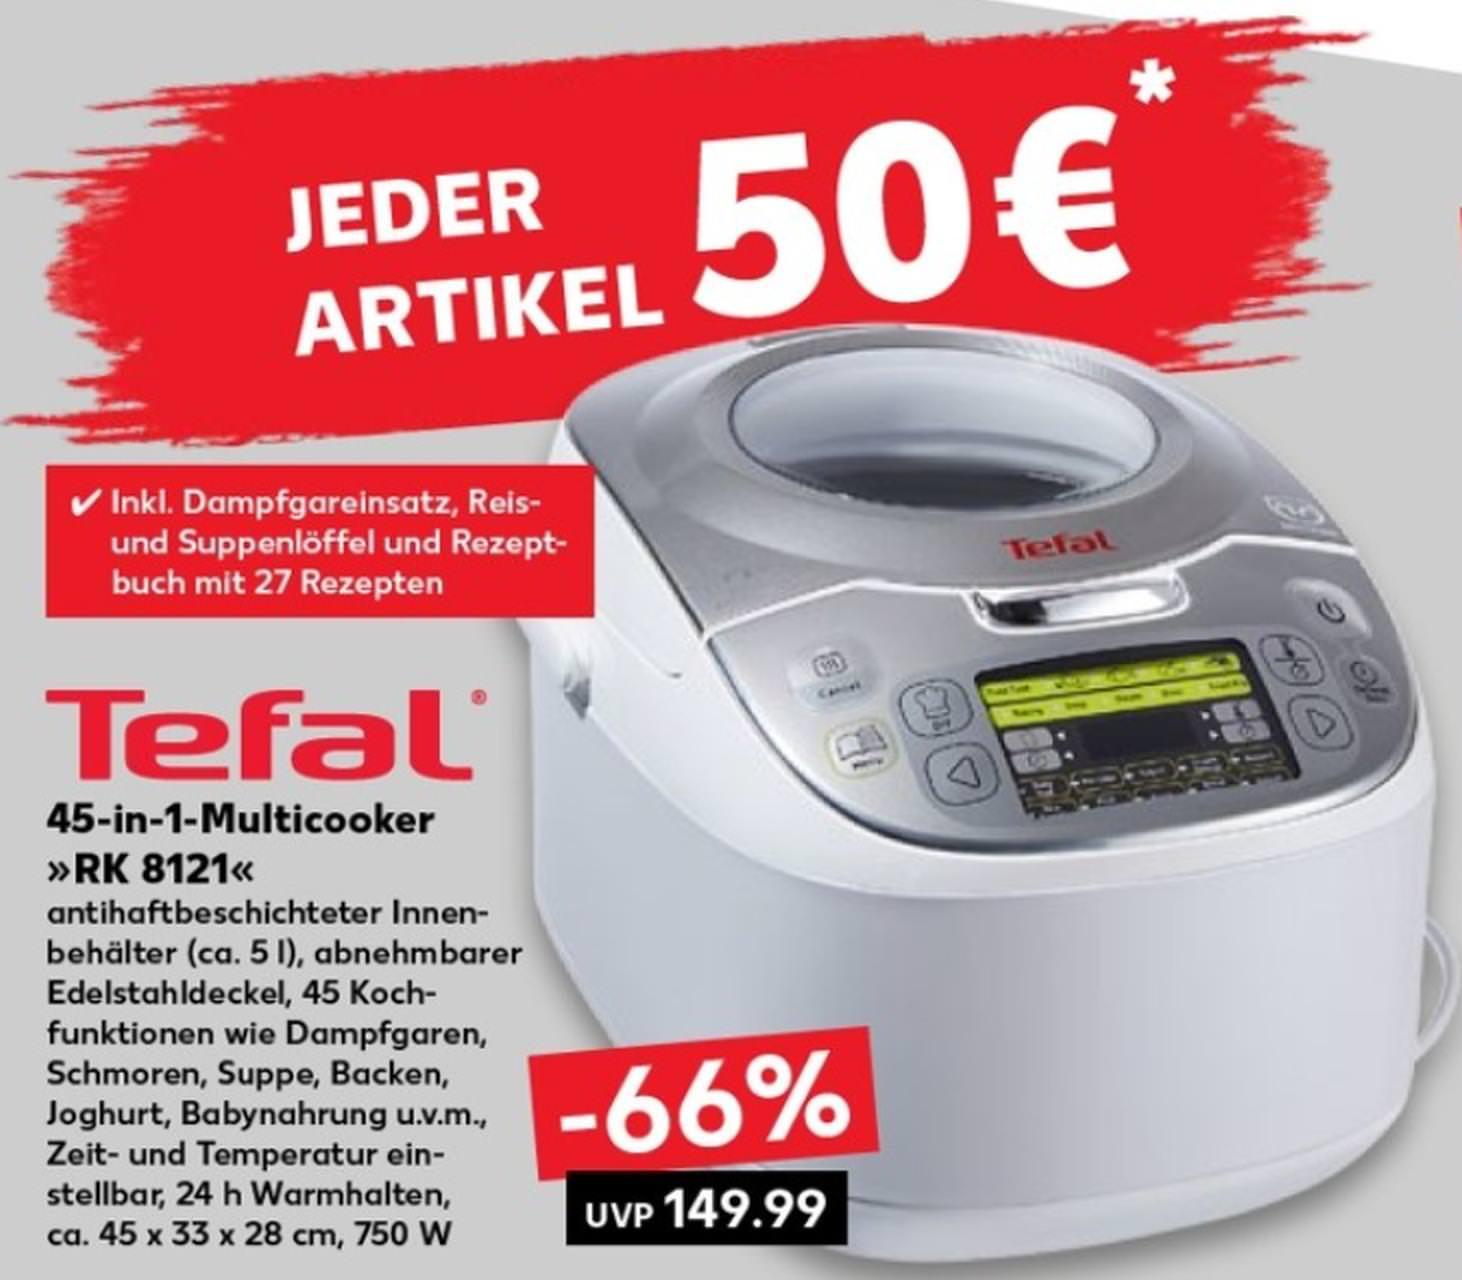 [Kaufland] Tefal 45-in-1 Multicooker RK8121 für 50€ ab 16.08.2018